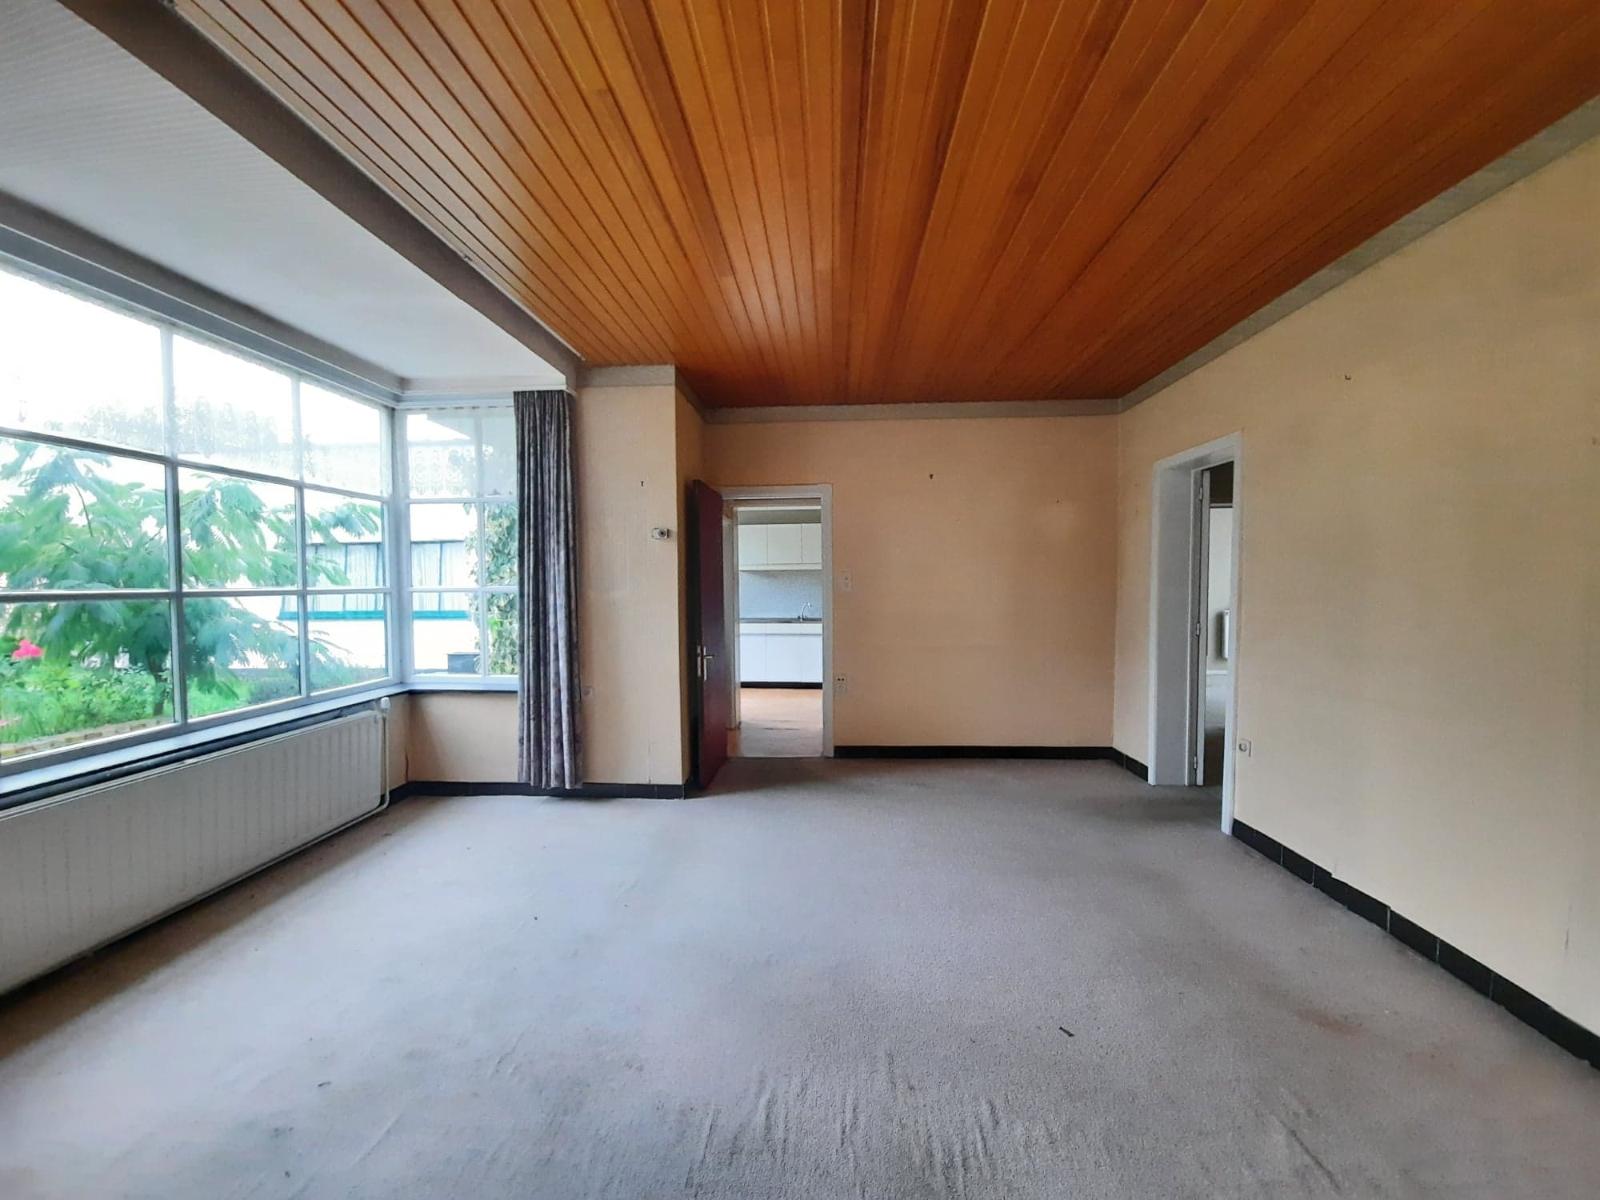 Centraal gelegen, te renoveren woning met mogelijkheid tot tweewoonst - 6